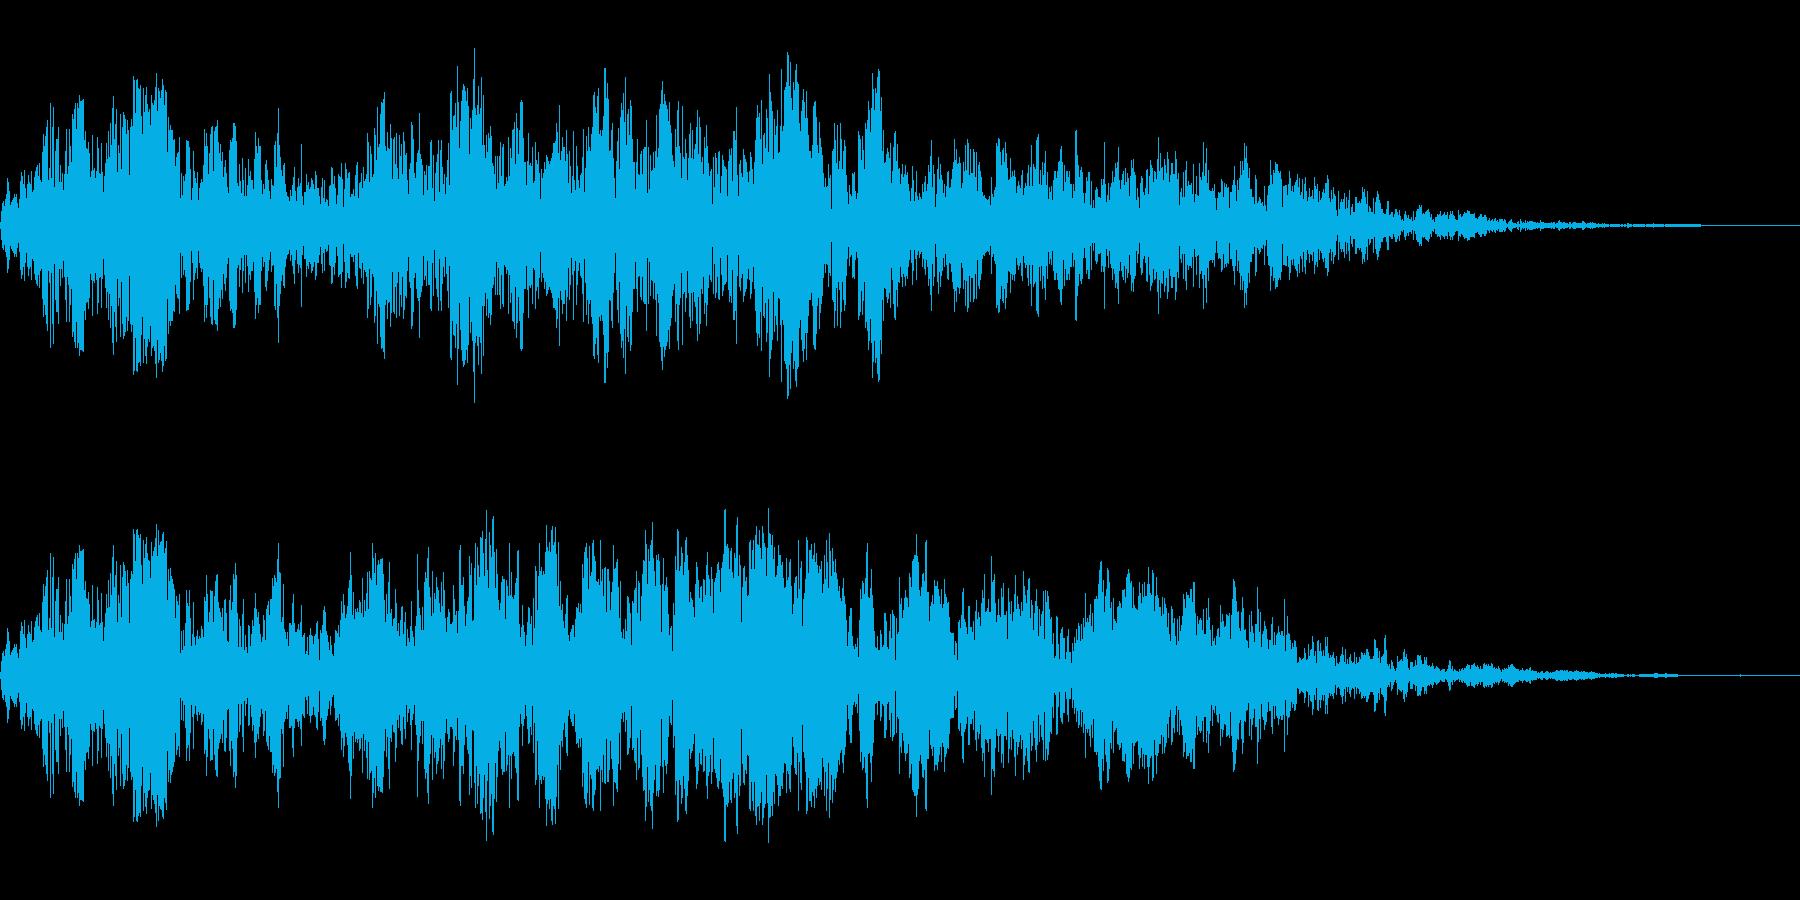 アニメにありそうなエネルギー弾(ポッー)の再生済みの波形